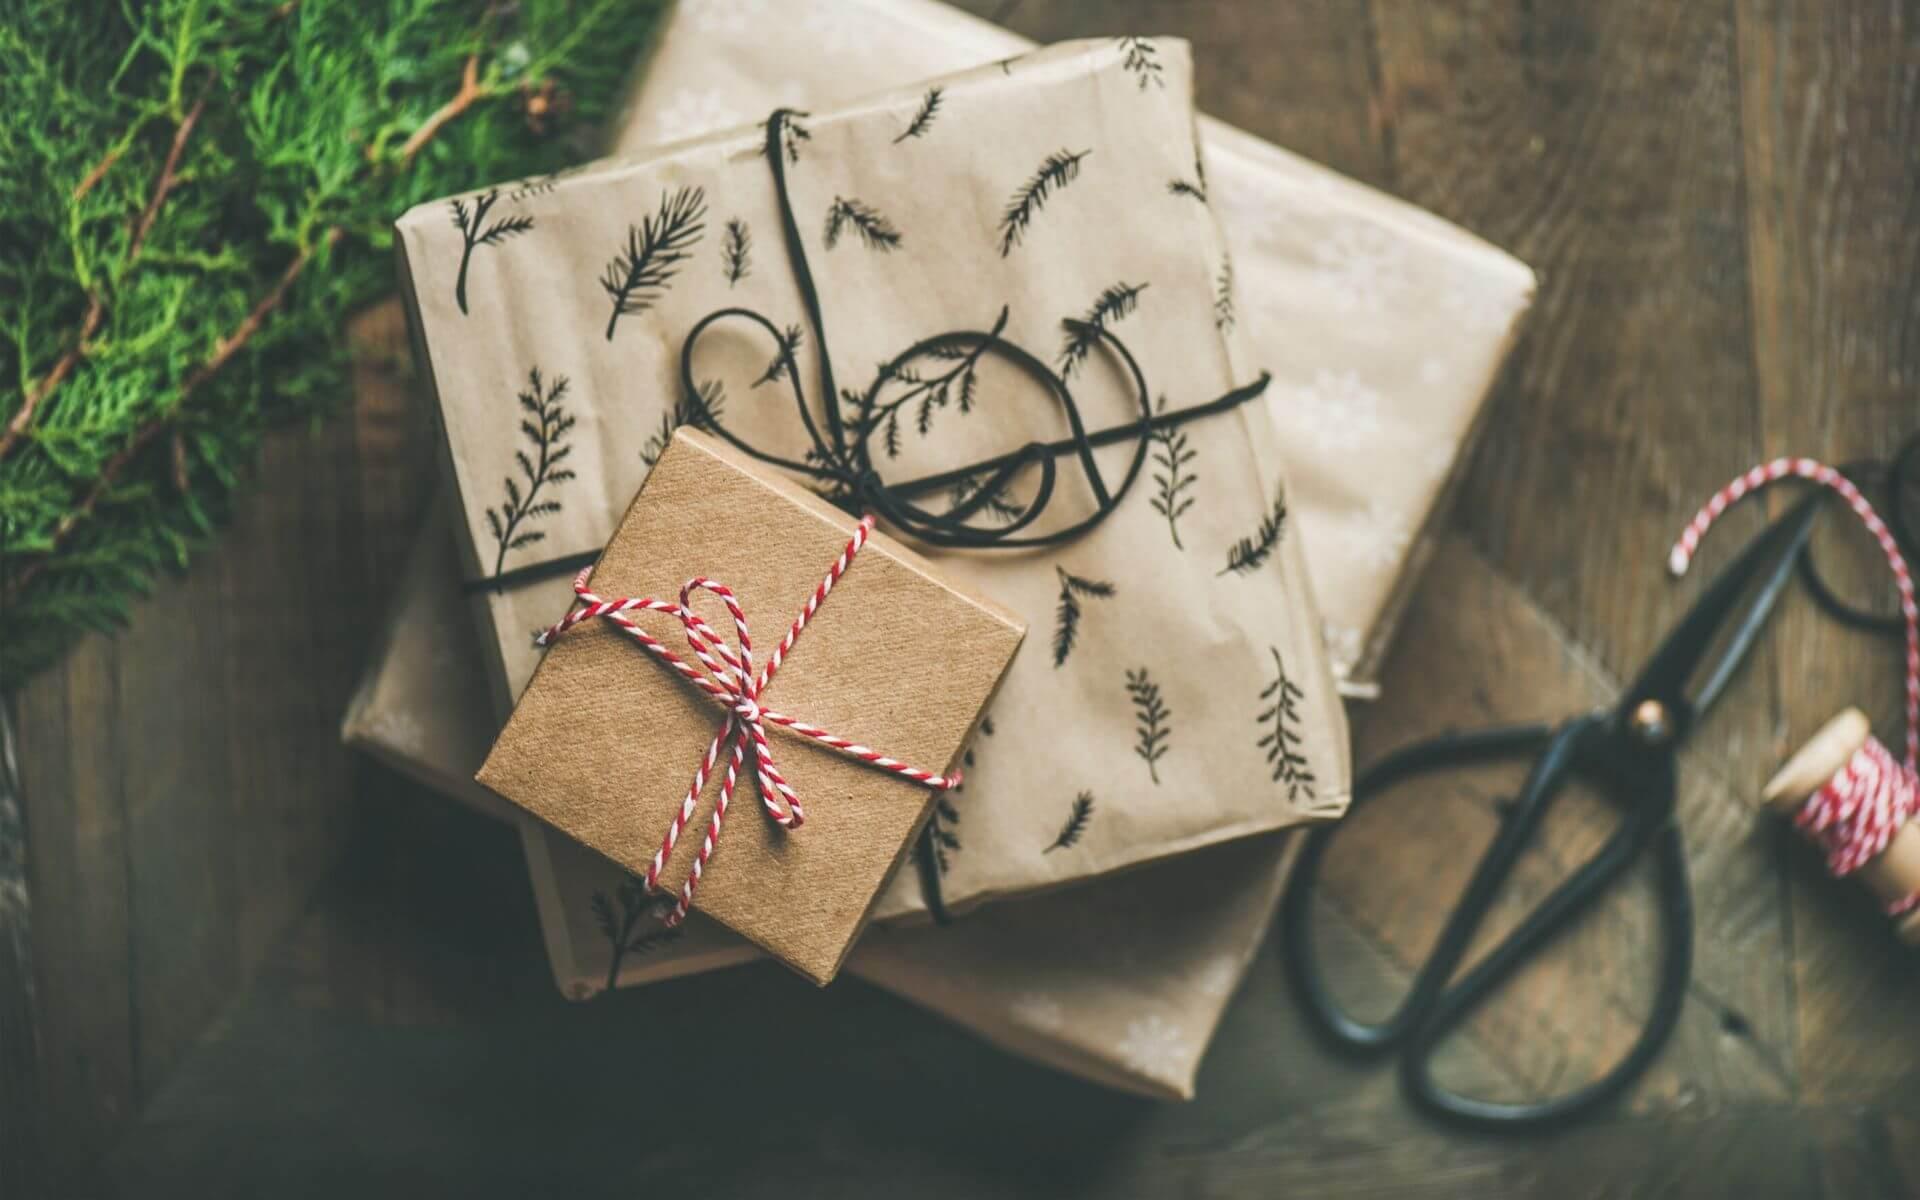 Partnergeschenke: Die besten Geschenke für deinen Partner zu jedem Anlass